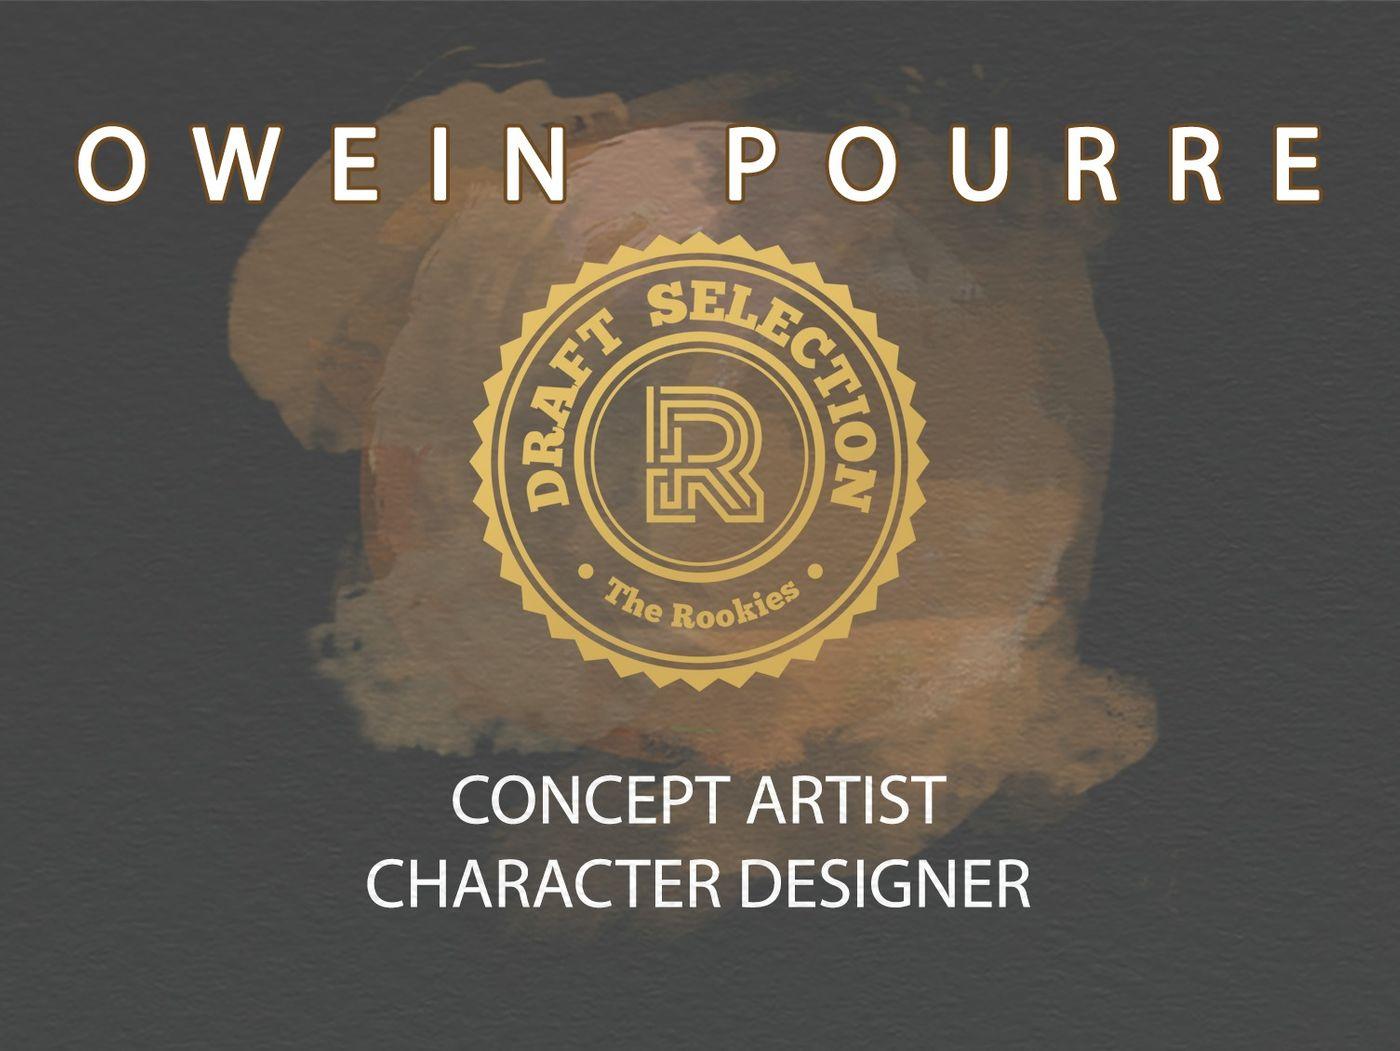 Owein Pourre Concept Art